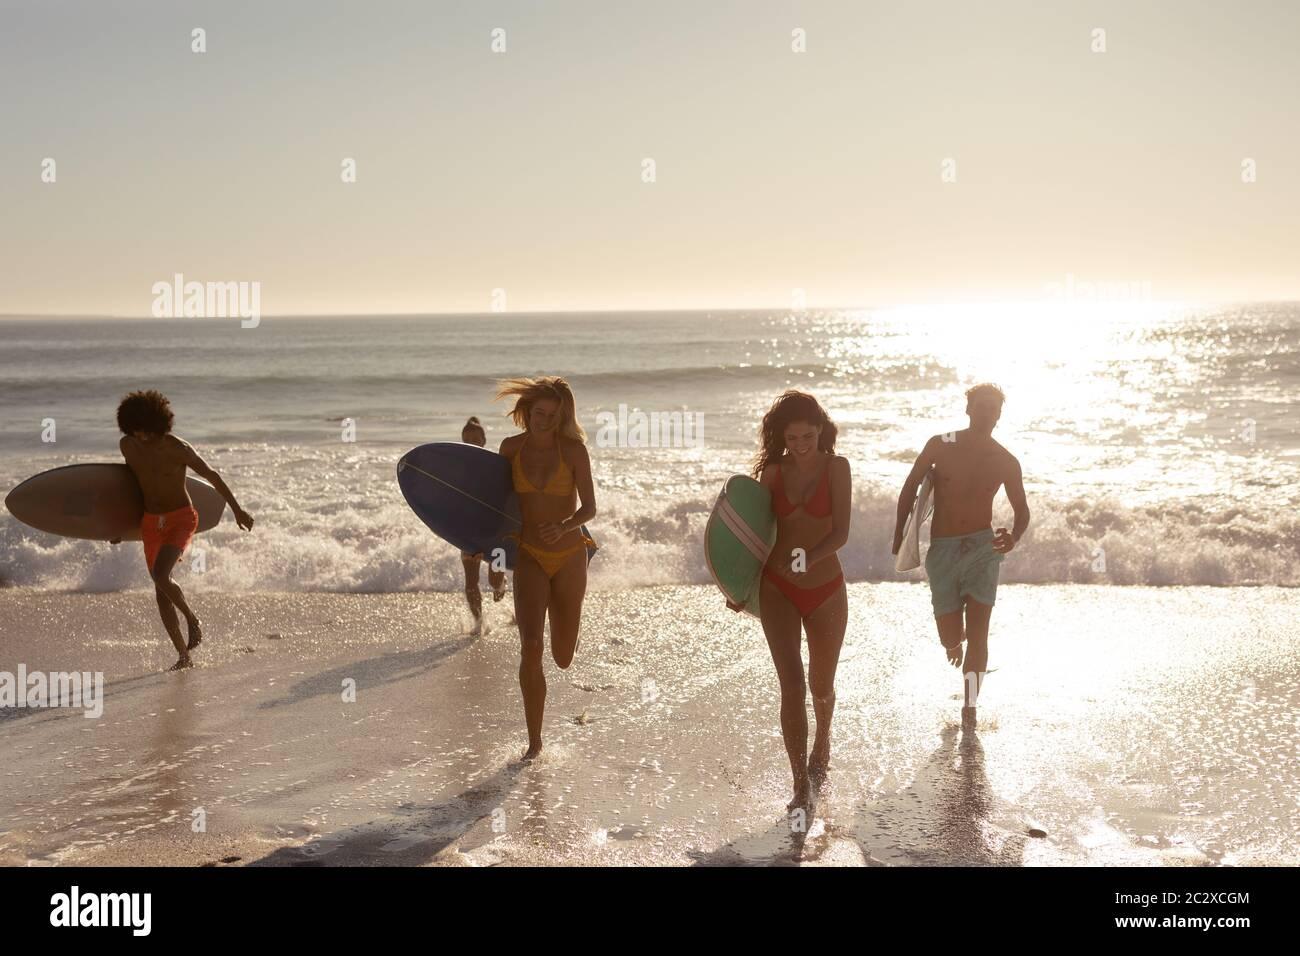 Multiethnische Gruppe von Männern und Frauen, Surfen am Strand Stockfoto